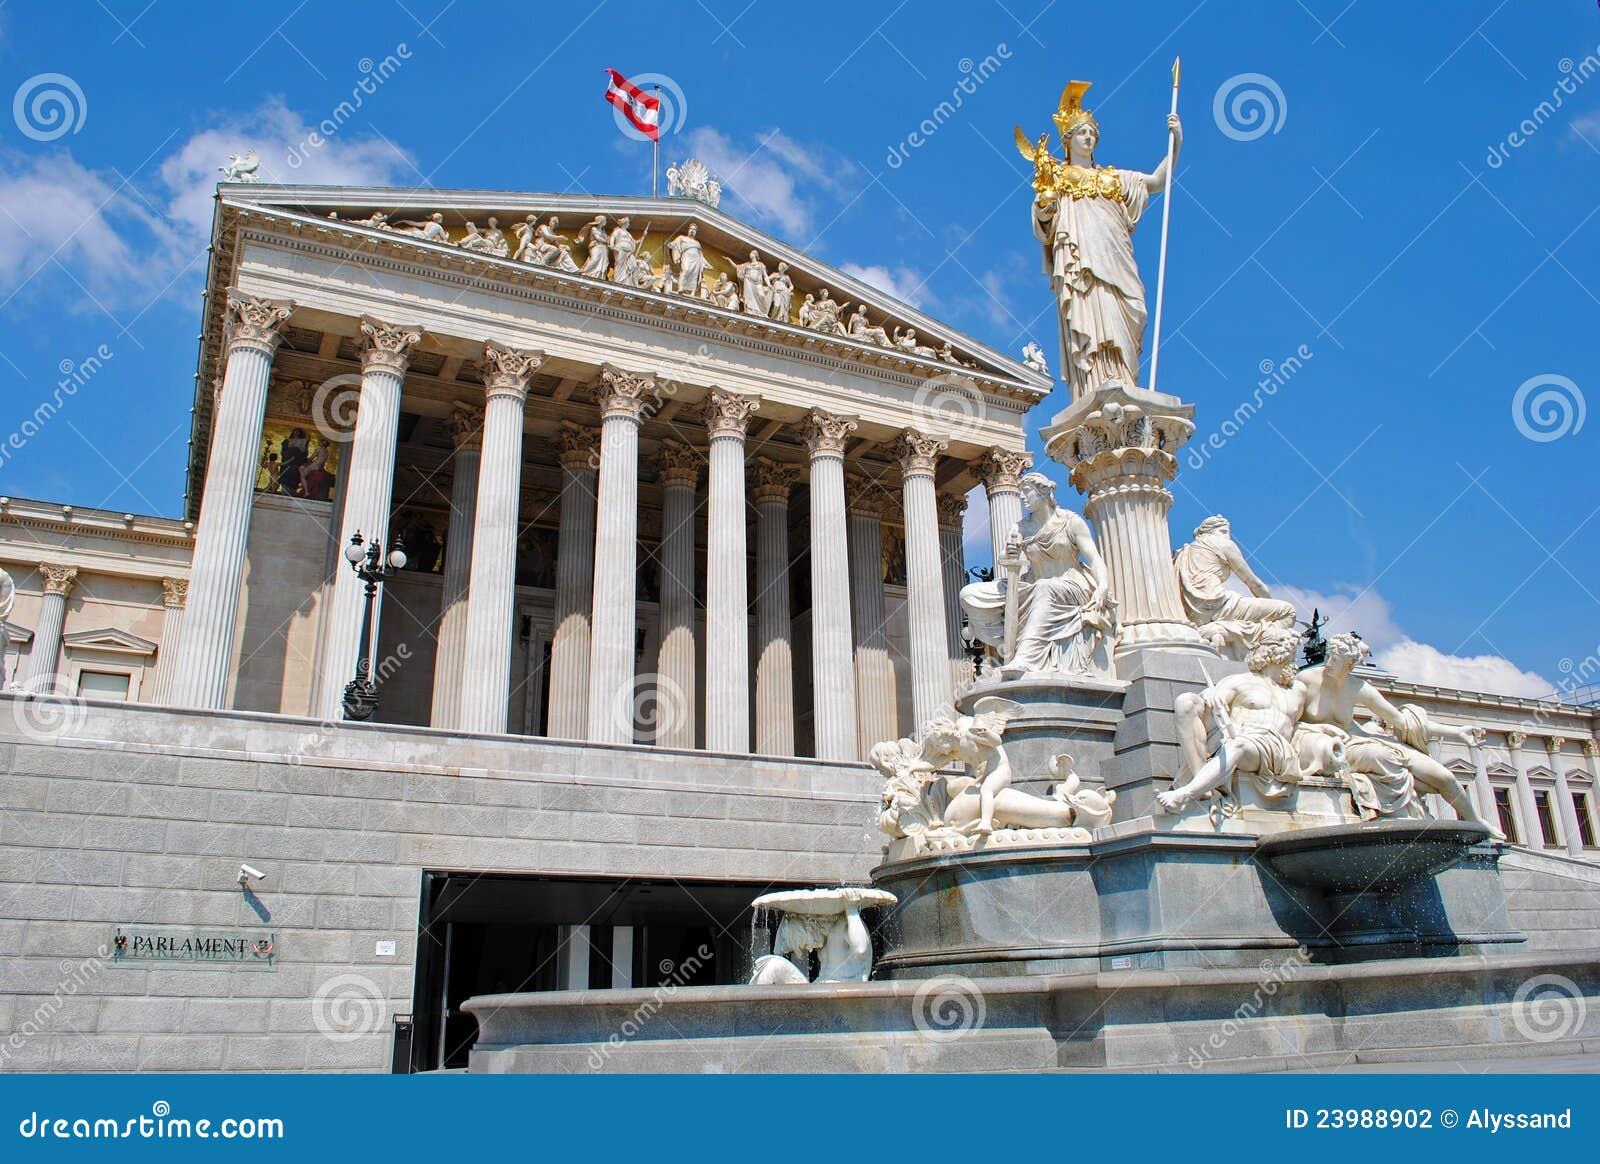 De fontein van het parlement en van athena van wenen stock foto afbeelding 23988902 - Het upgraden van m ...